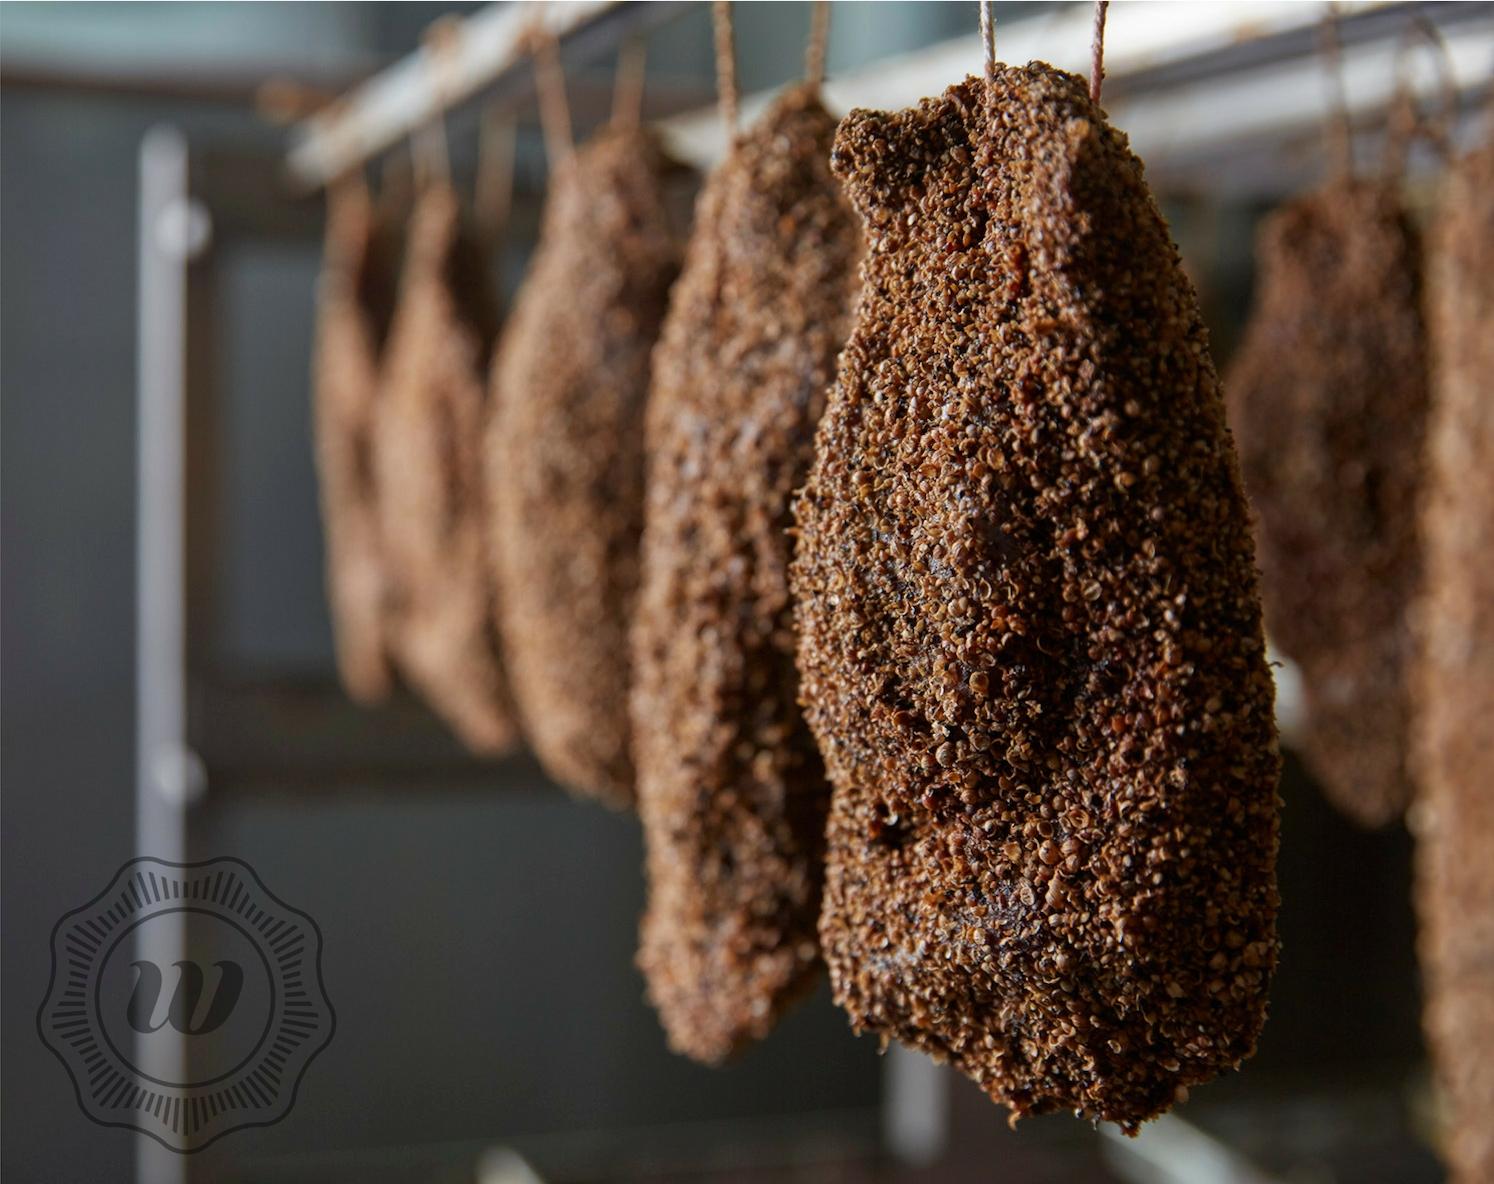 PASTRAMI VAN GANS - De ganzenborst wordt gepekeld, gekruid en gerookt. Lekker op een broodje of bij een salade.Onze ganzen worden grotendeels door ons zelf geschoten, in de omgeving van Assendelft.